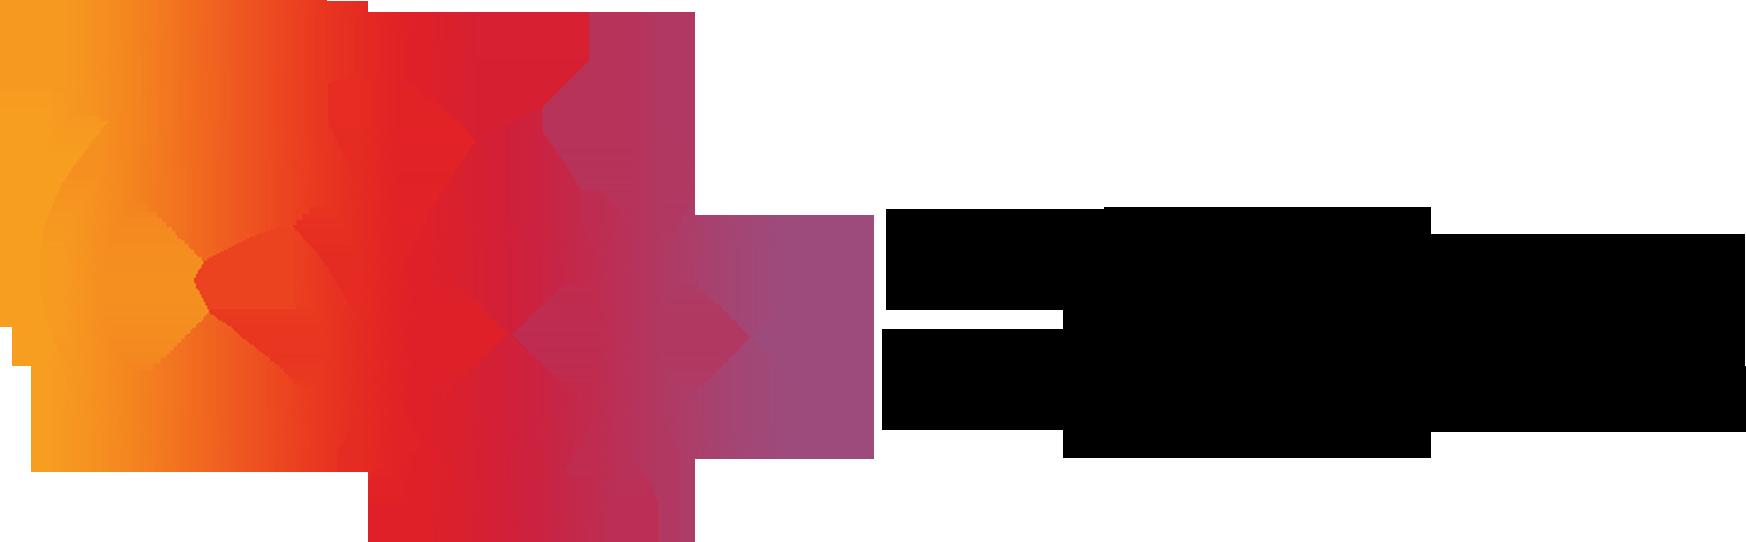 agb-logo-met-teks.png